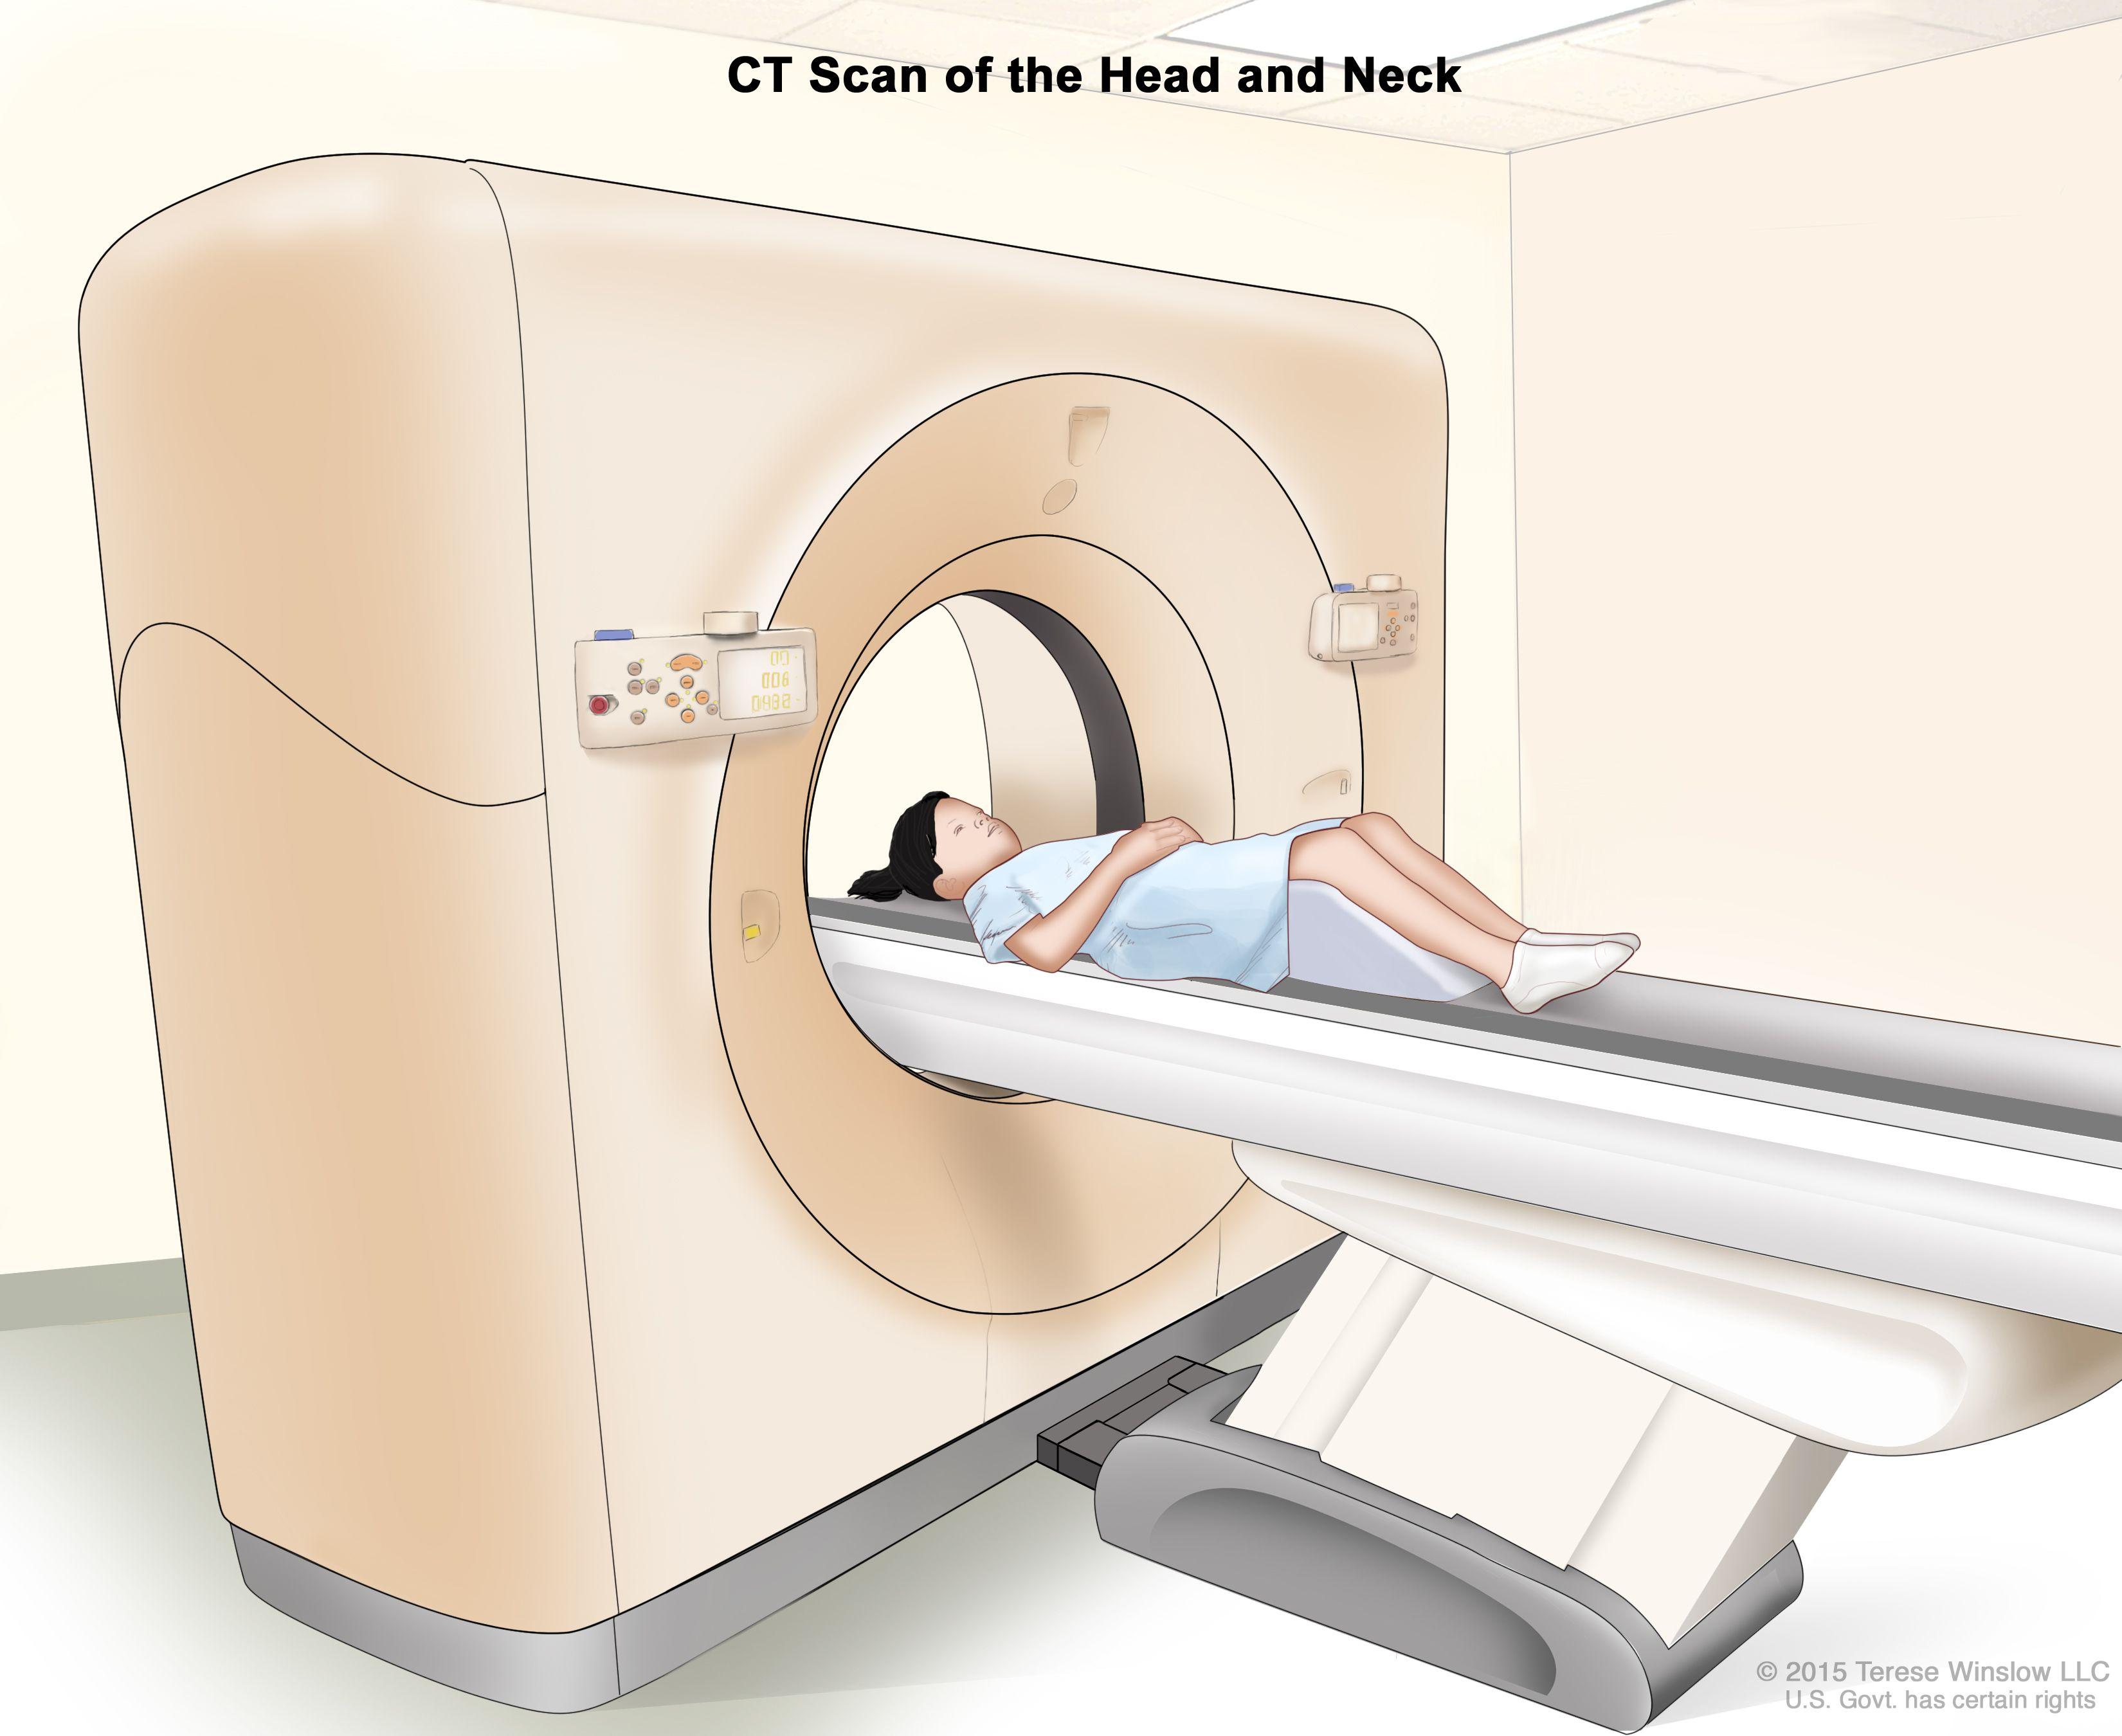 Компютърна томография (КТ) на главата и шията